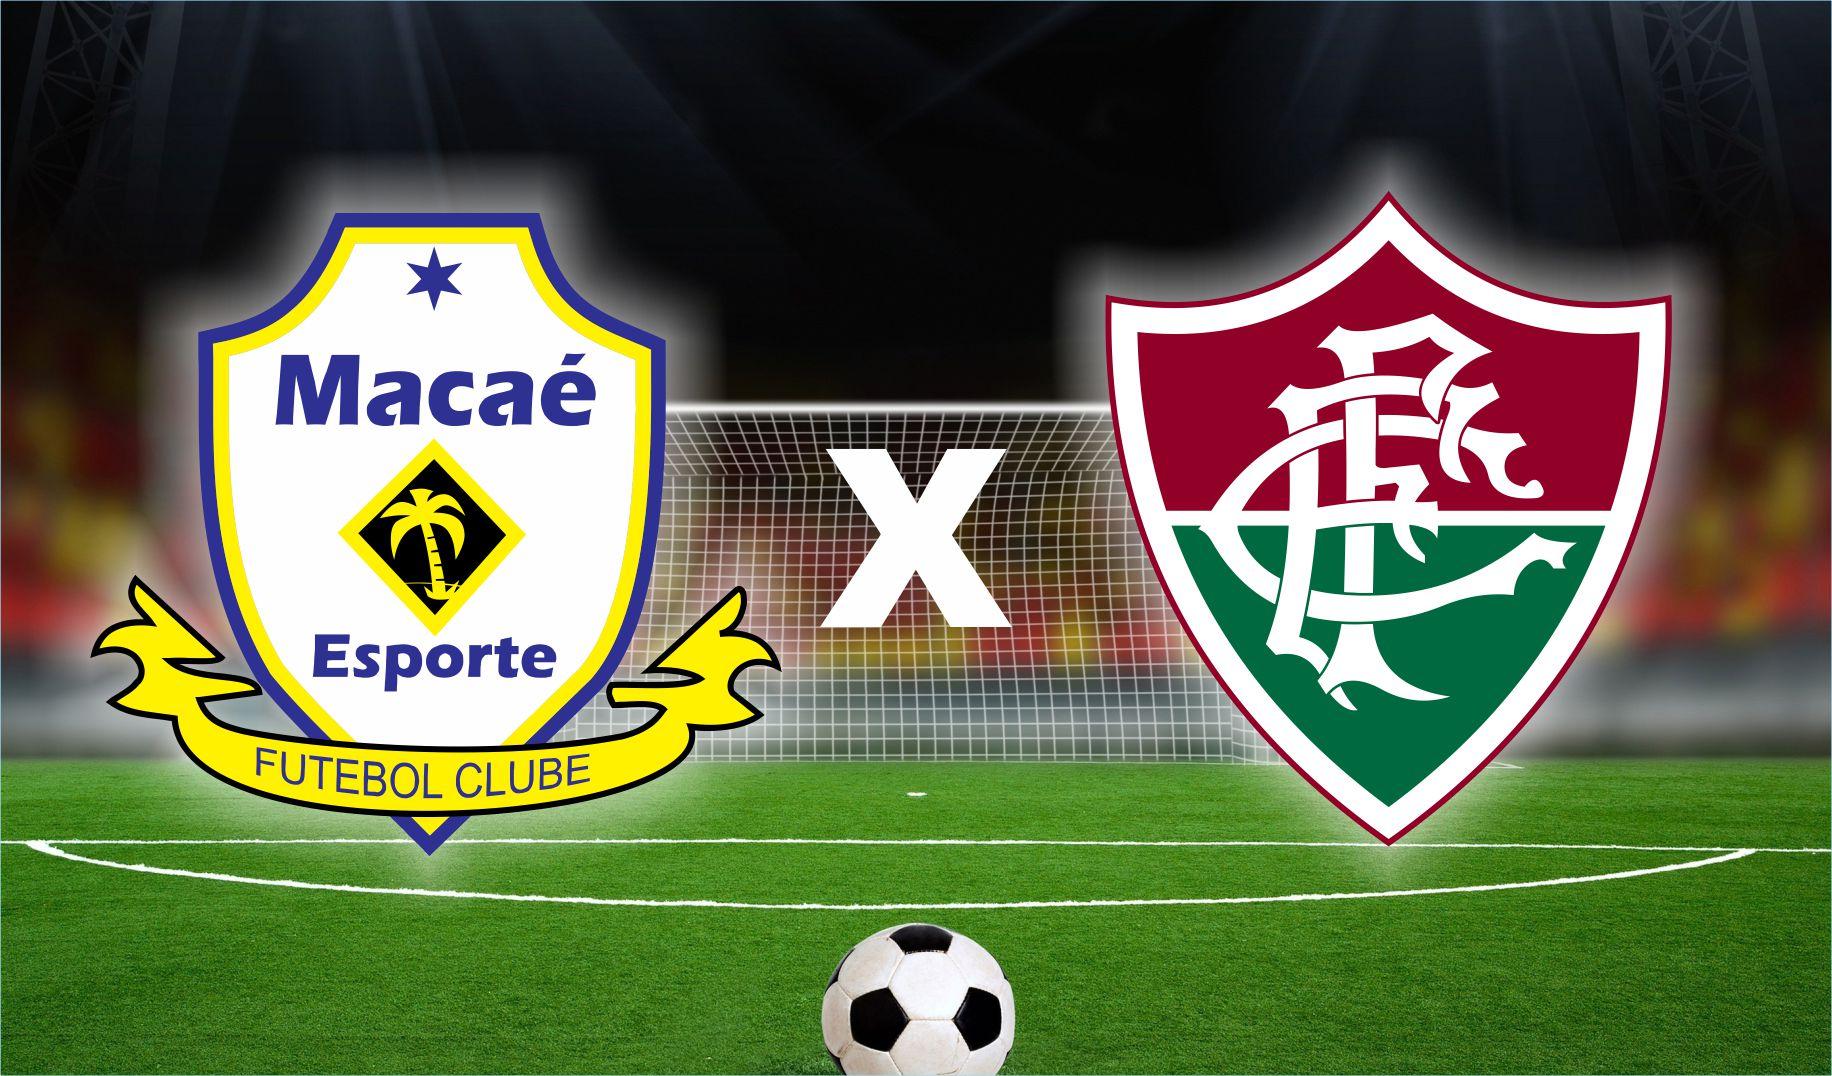 FERJ | Venda de ingressos para Macaé x Fluminense